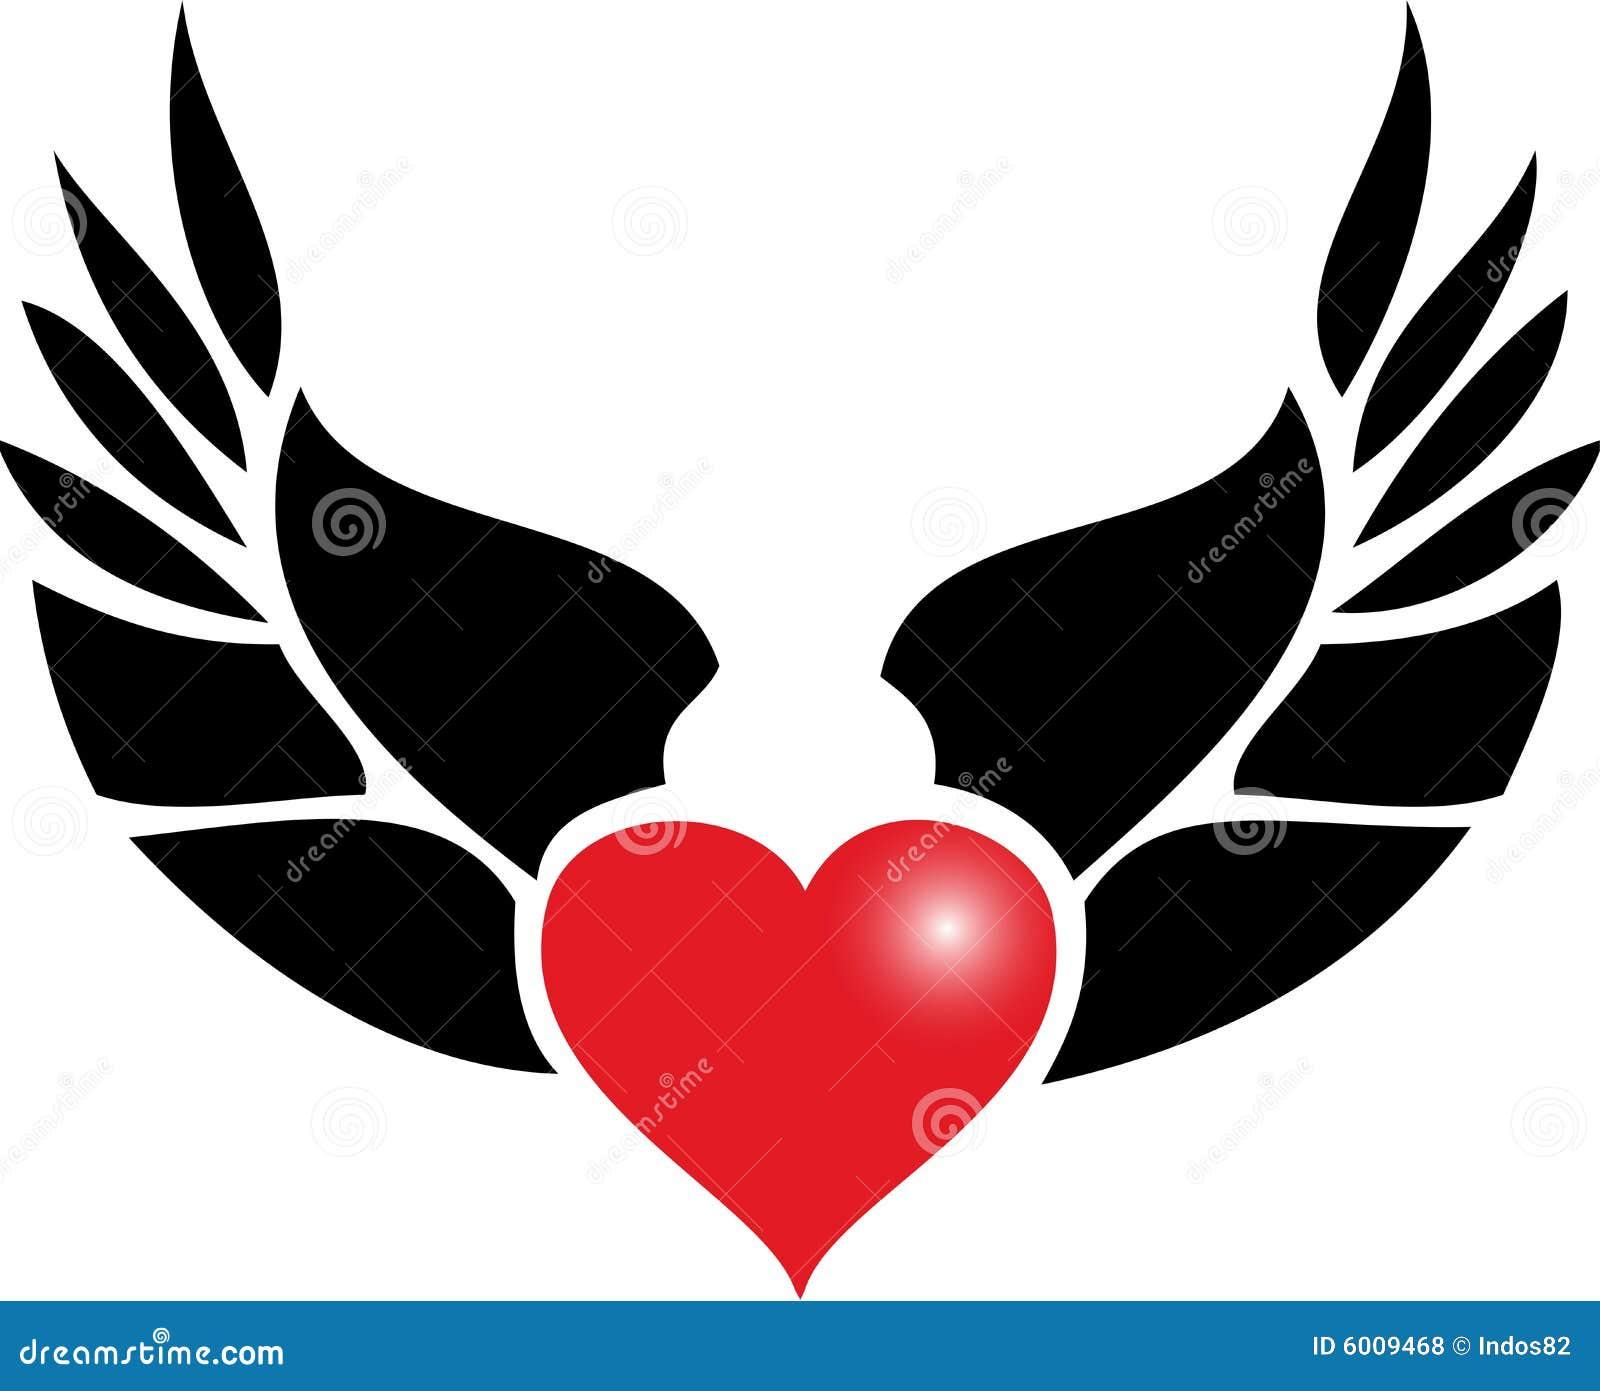 Tattoo Stock Photos: Heart Tattoo Royalty Free Stock Photos